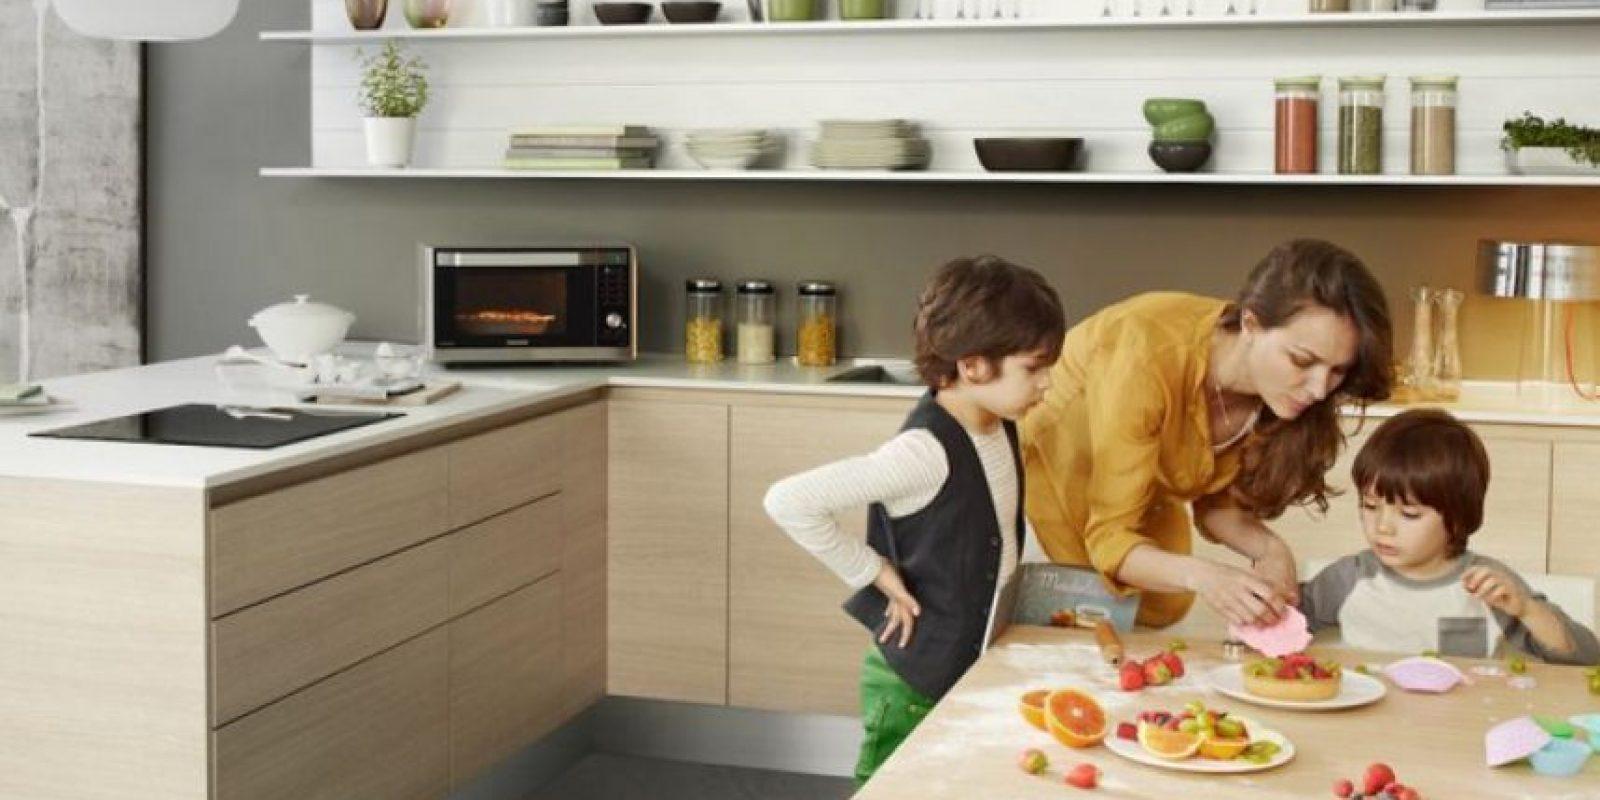 Samsung y Publimetro les regalan dos hornos microondas para celebrar el Día de la Madre. Foto:Reproducción.